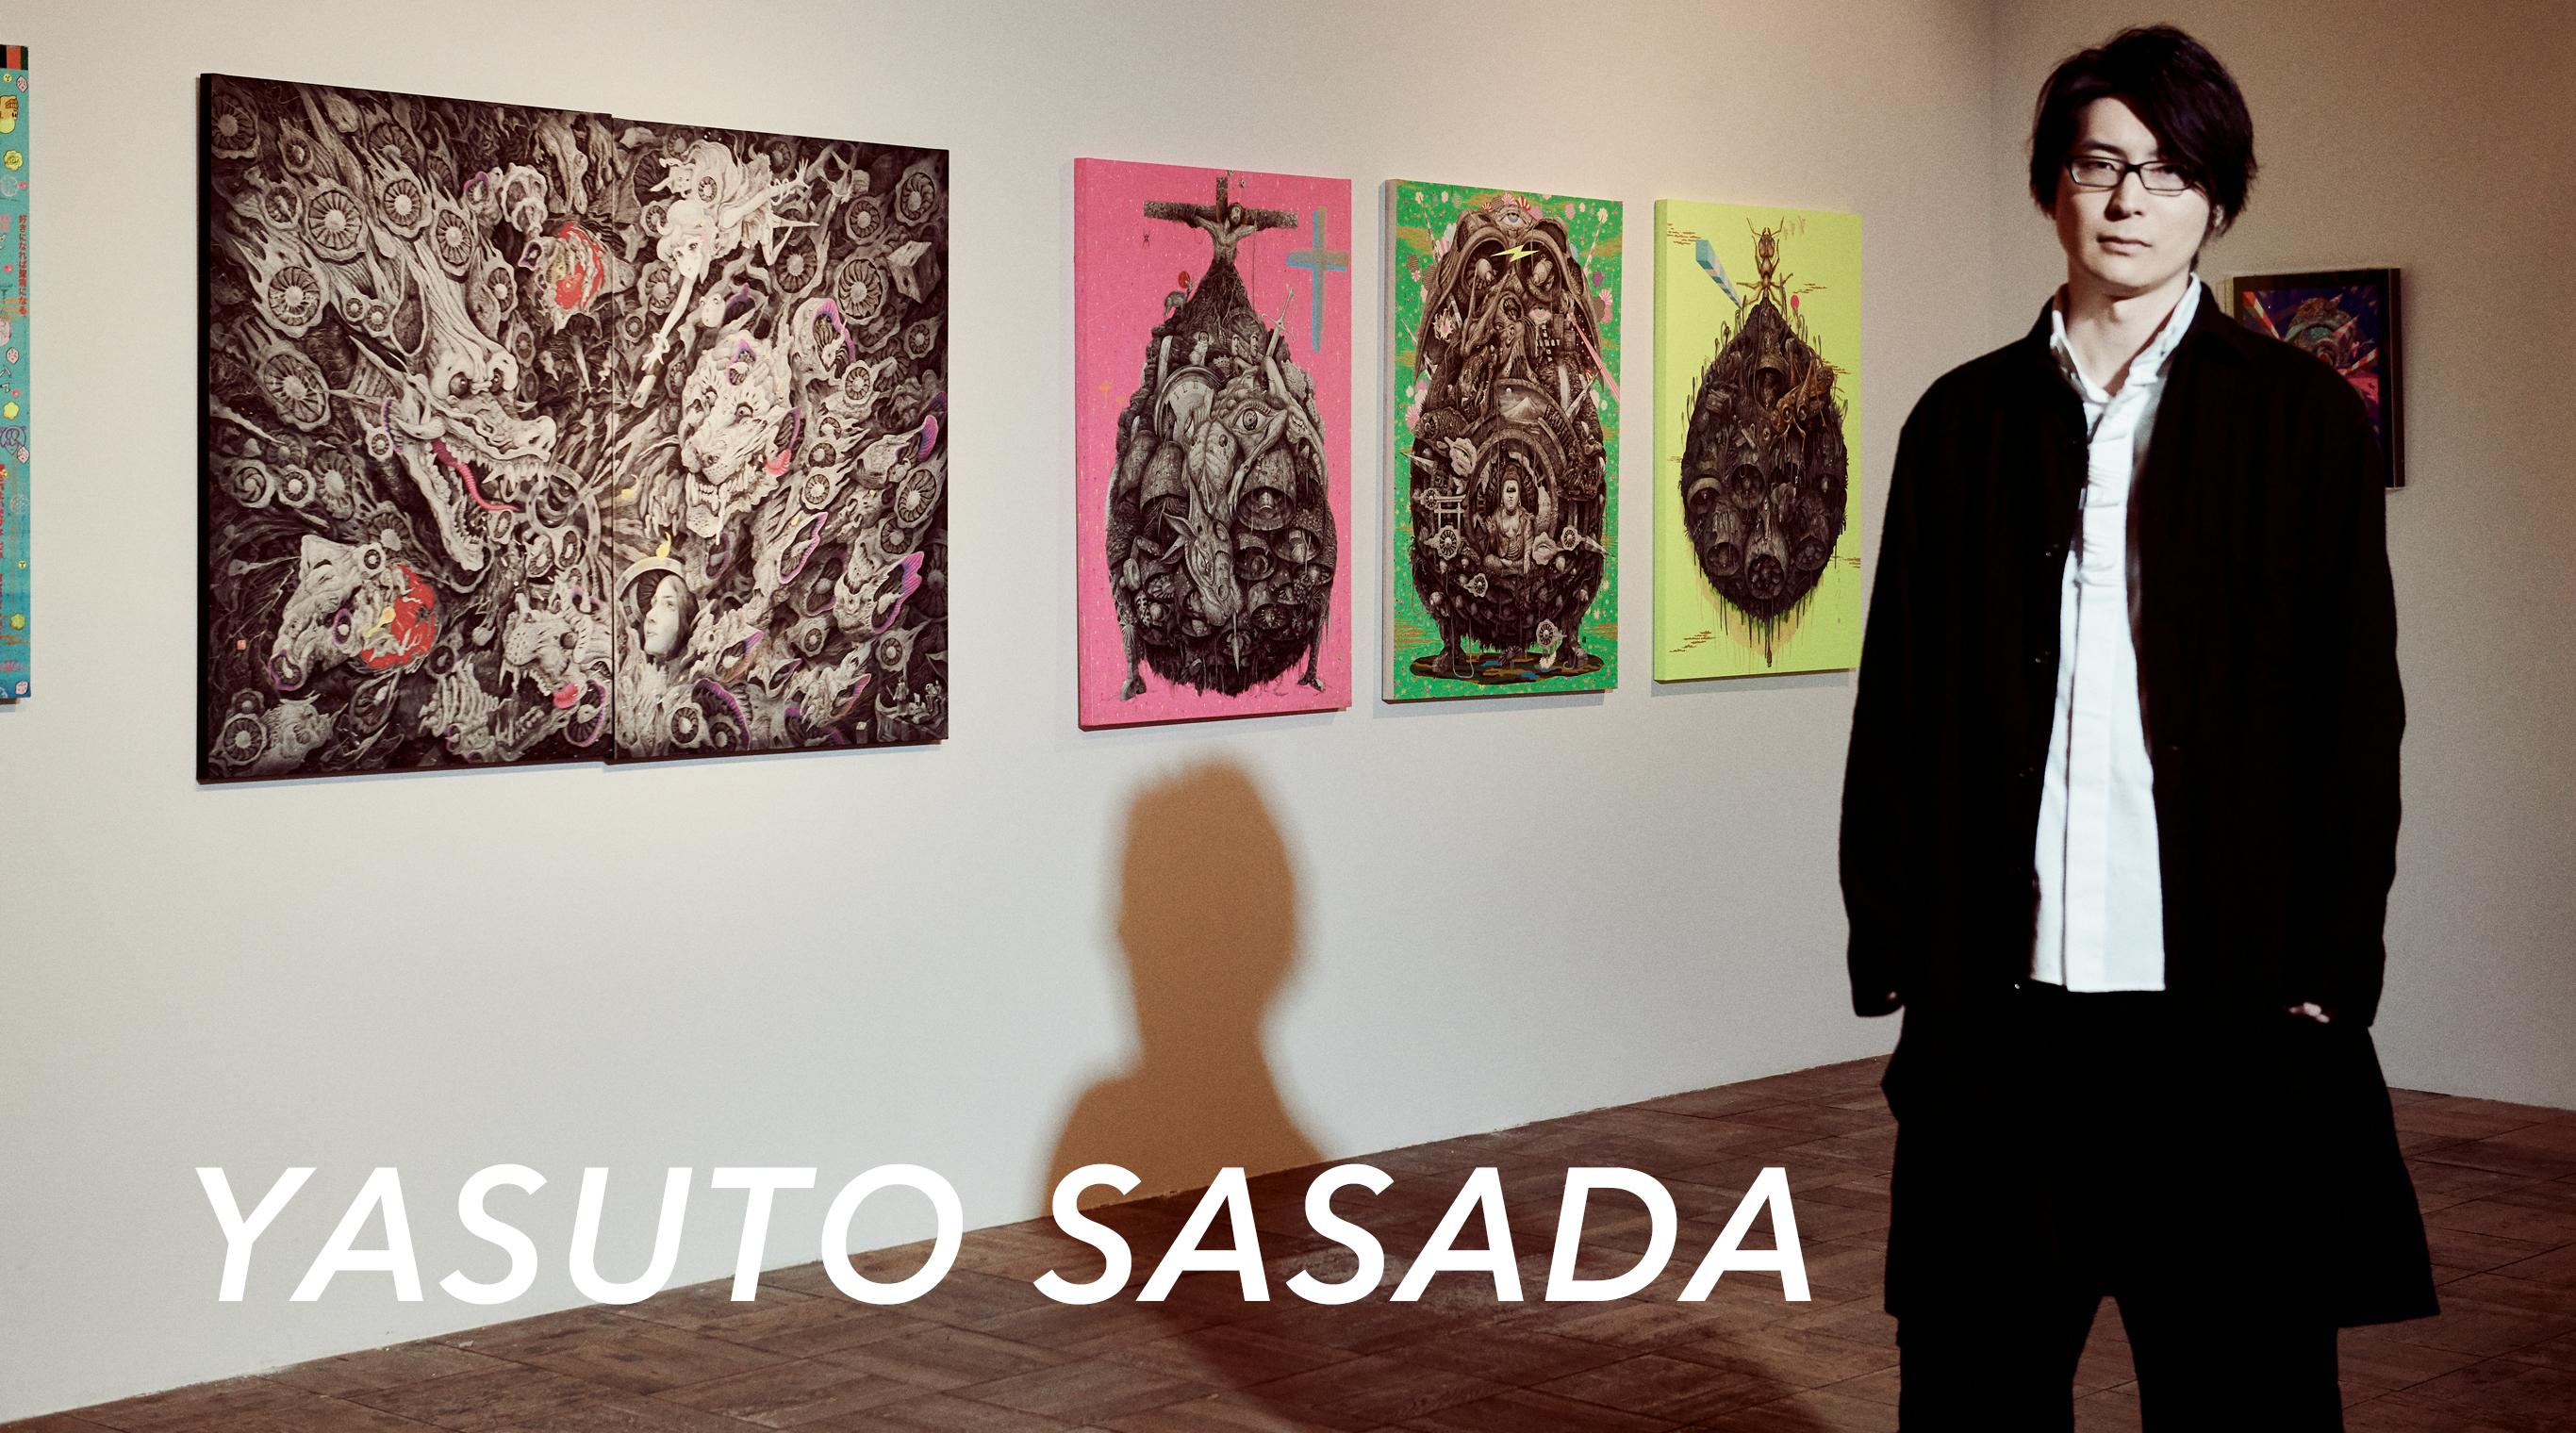 YASUTO SASADA